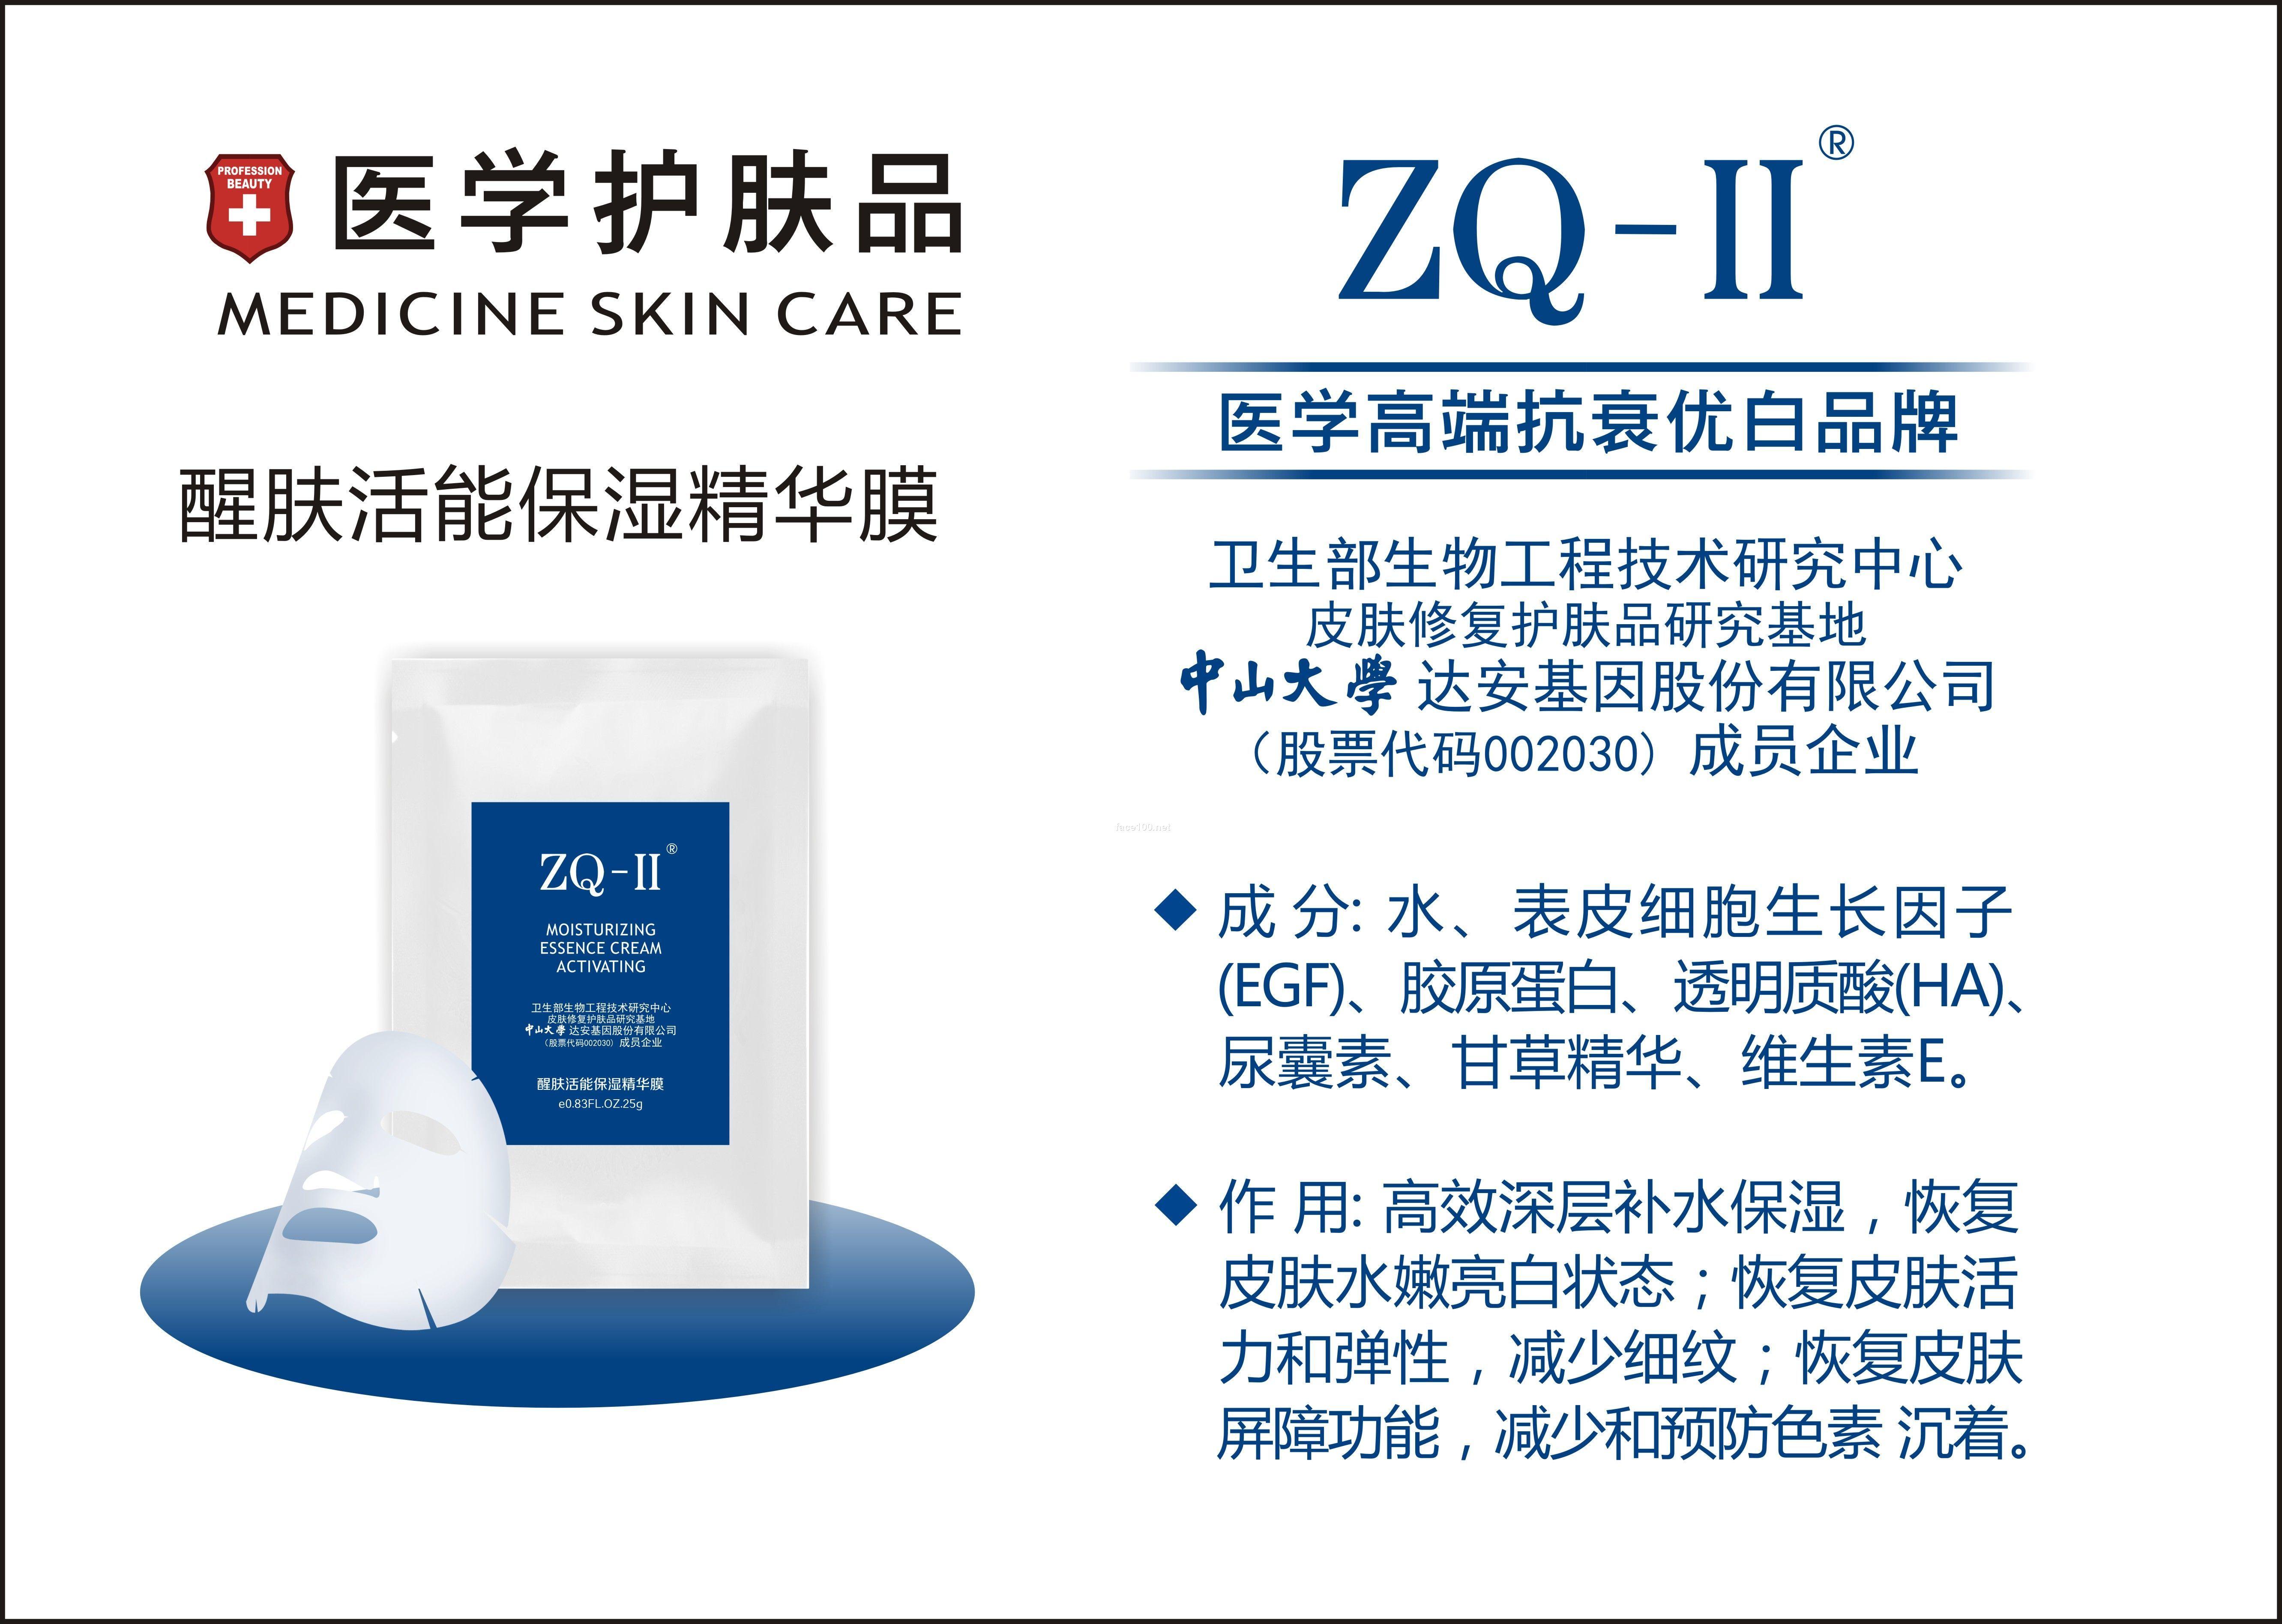 ZQ-II醒肤保湿修护精华膜